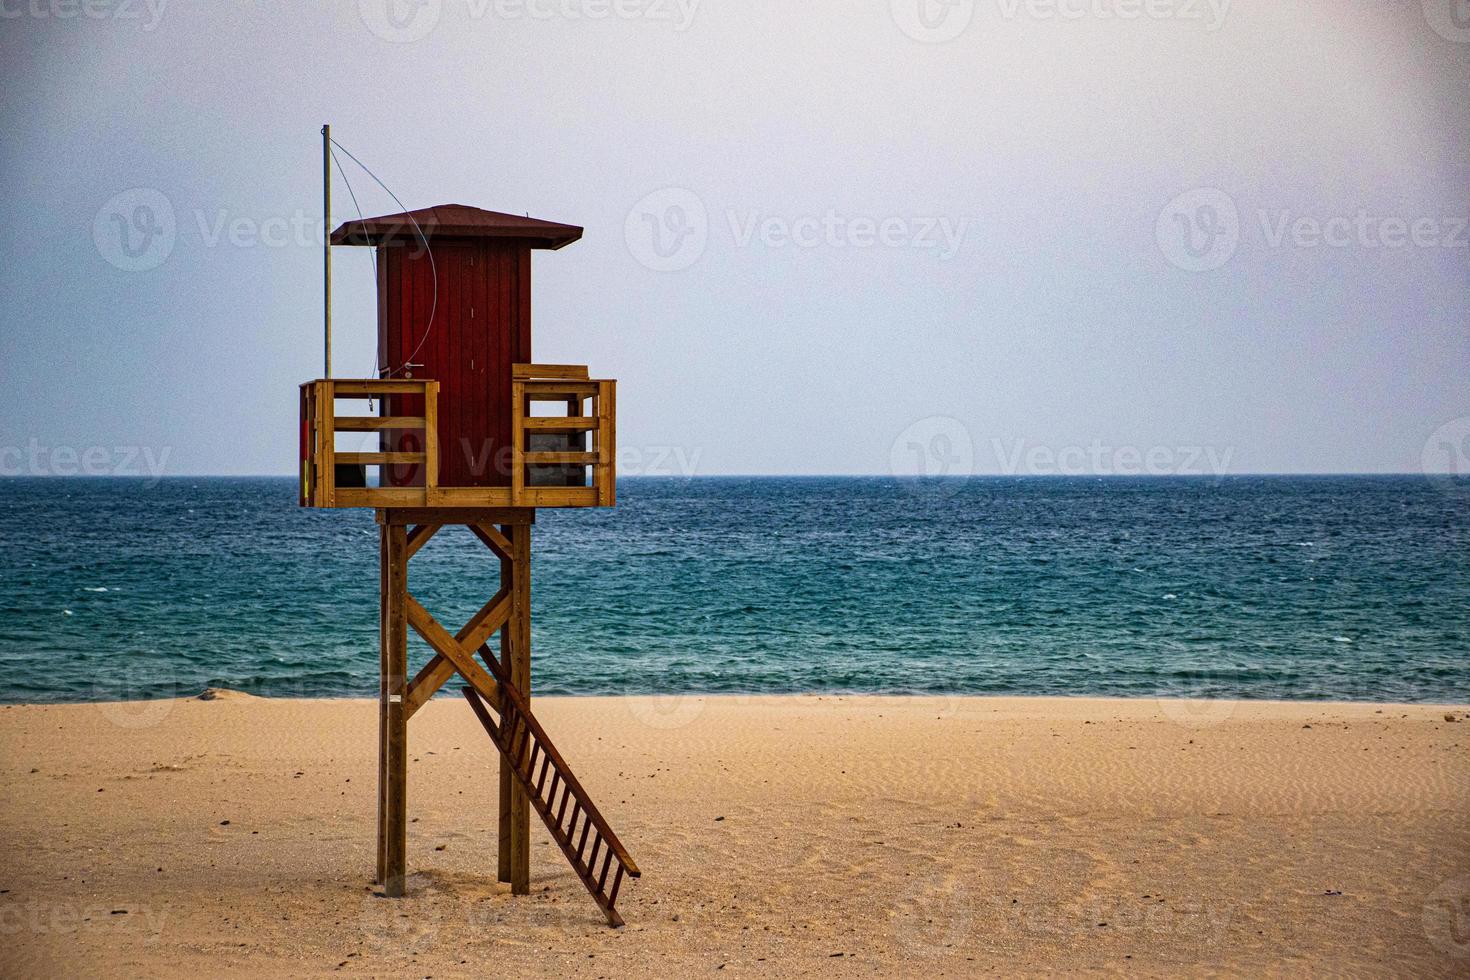 Lifeguard hut and beach photo